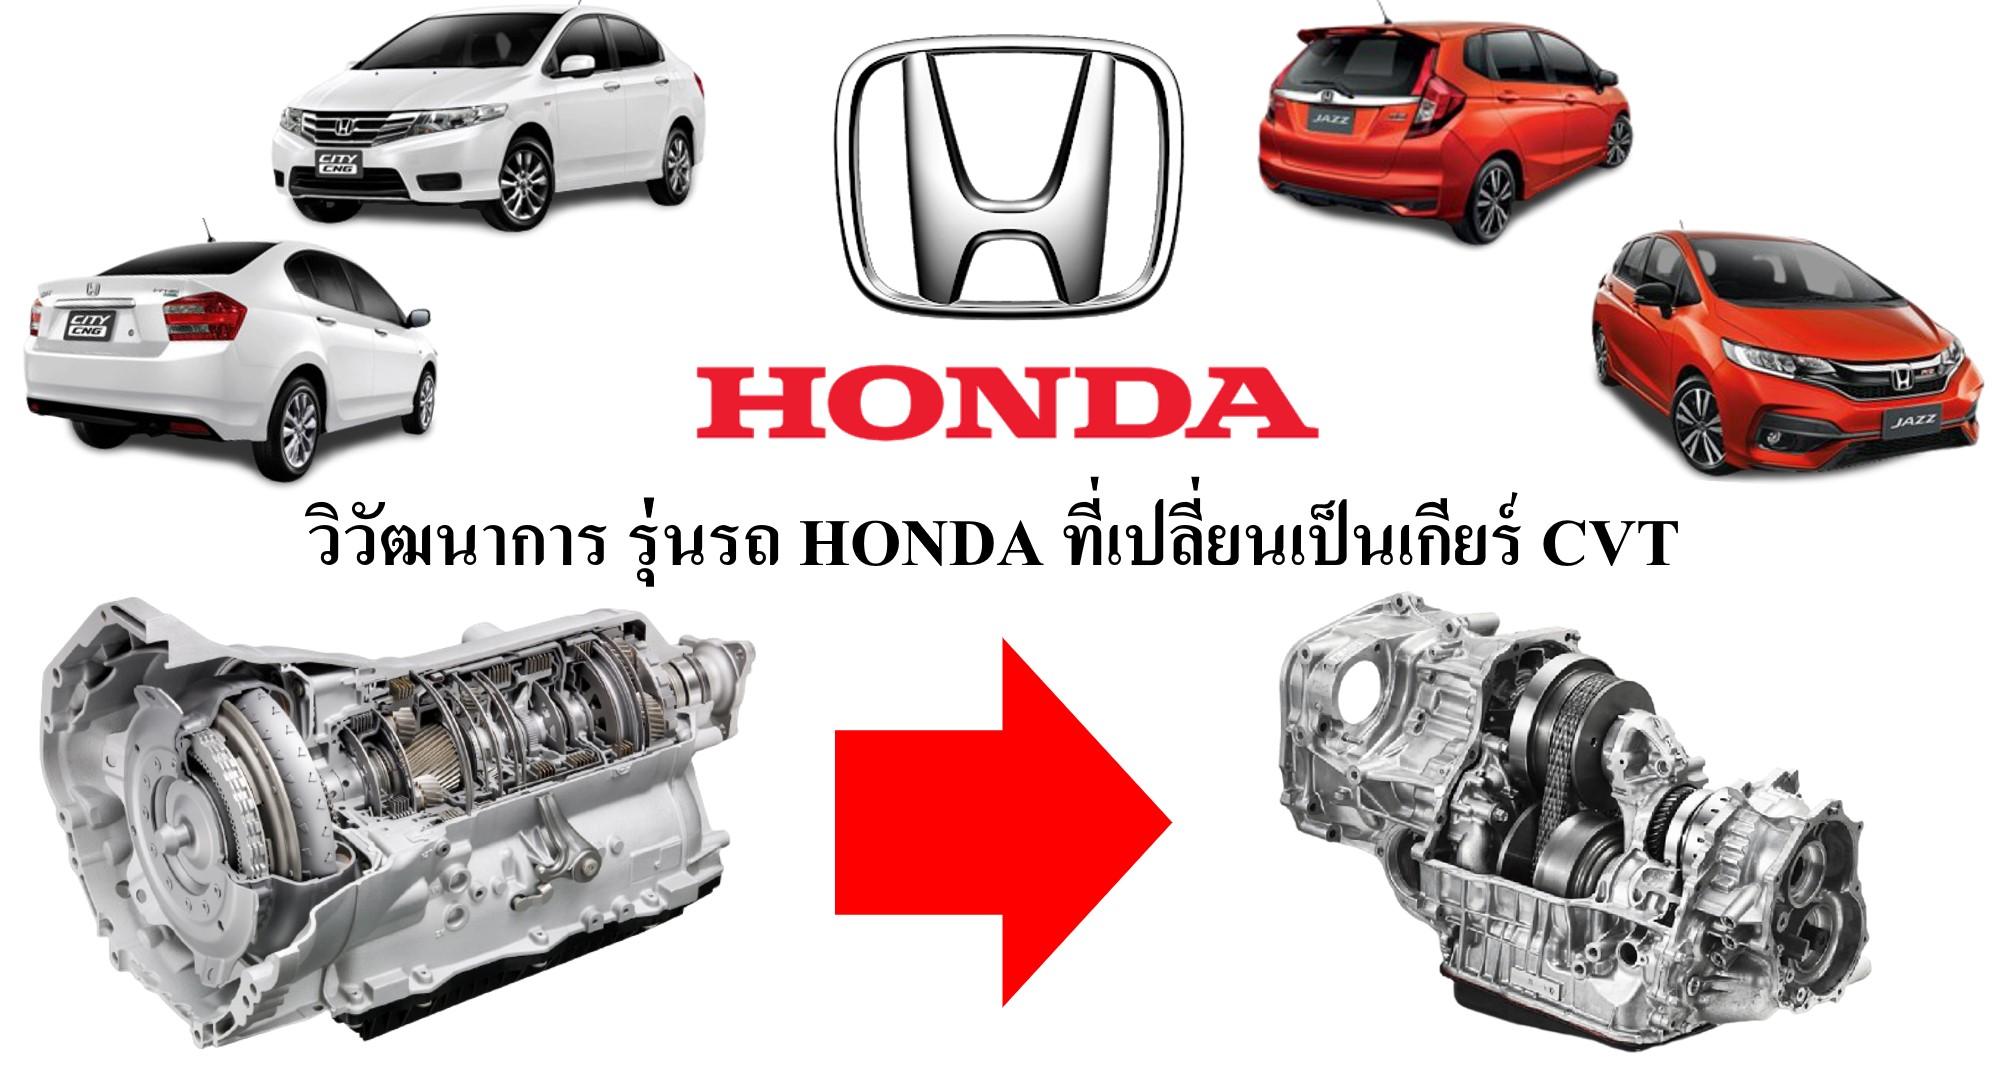 รถ HONDA ในแต่ละรุ่น ก่อนที่จะเปลี่ยนมาเป็นเกียร์ CVT